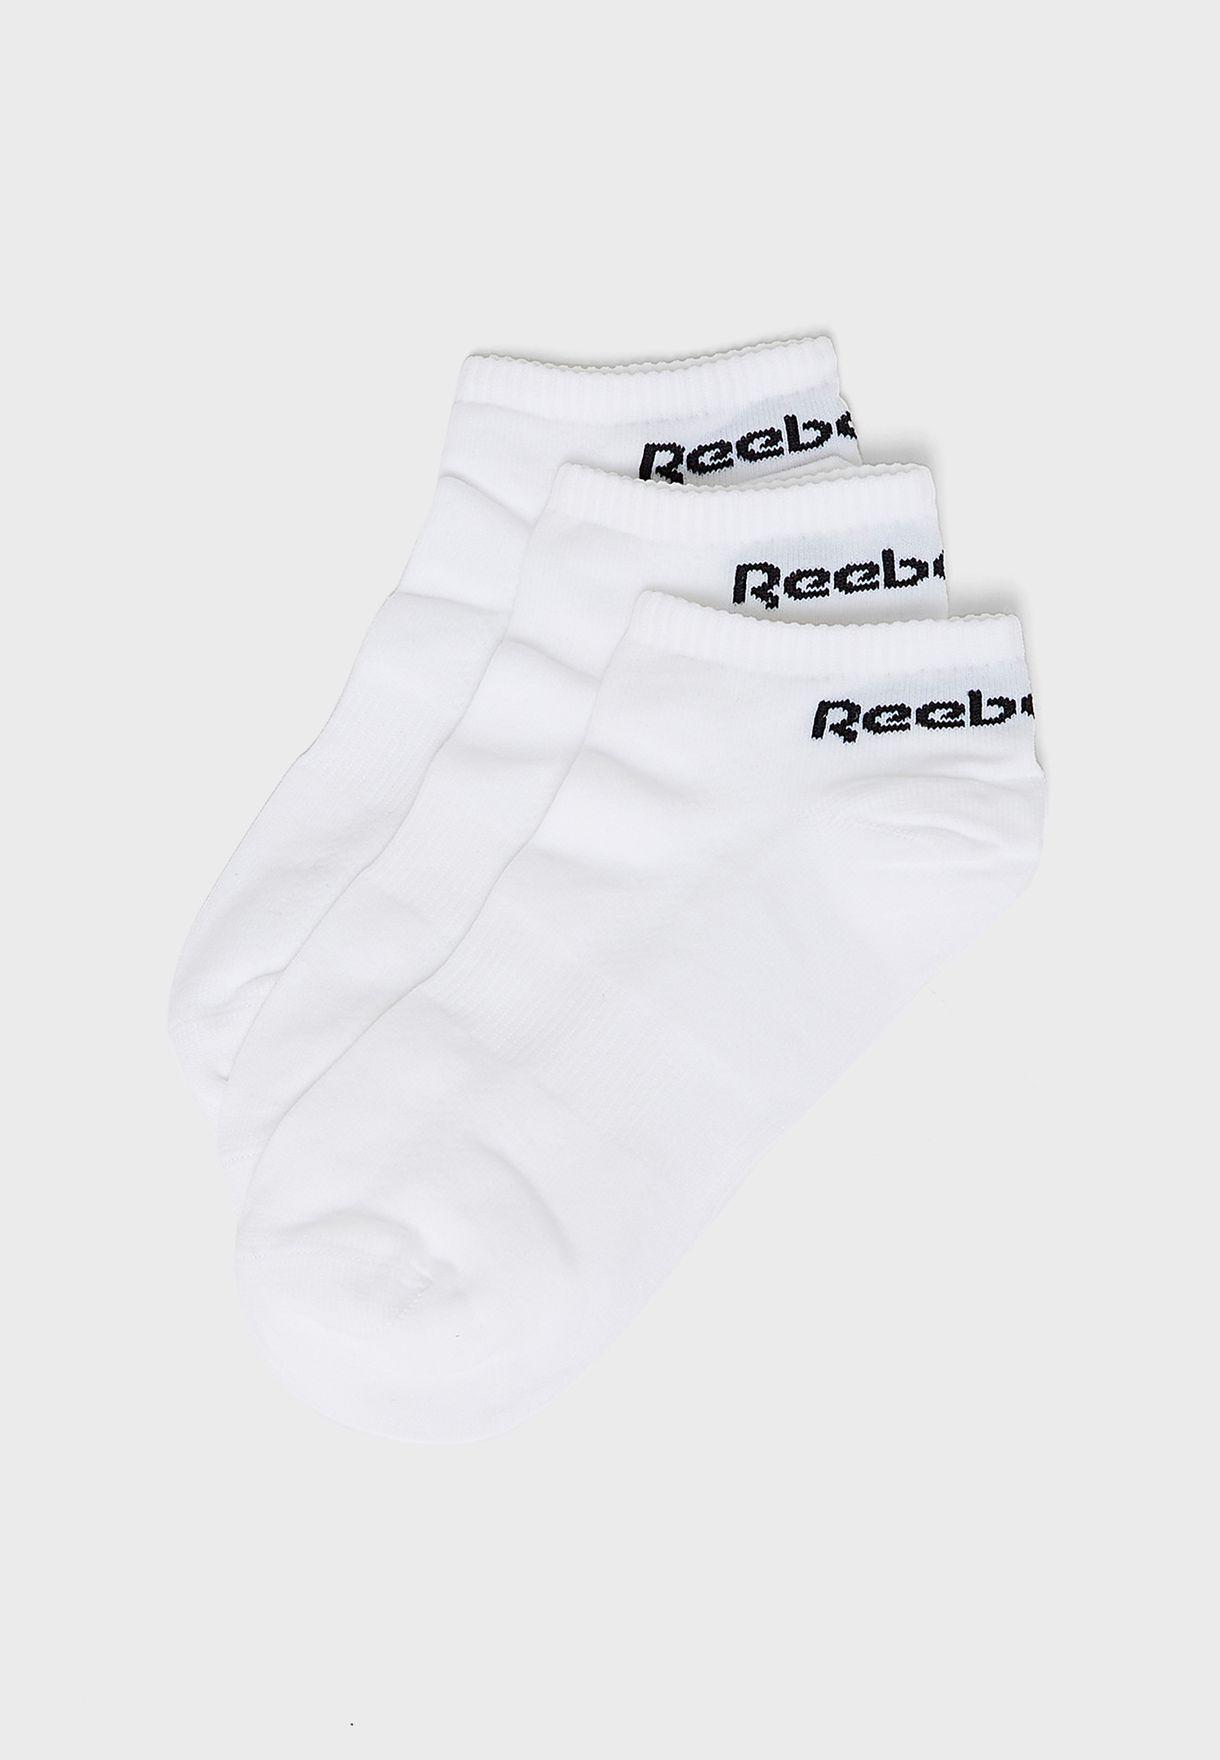 3 Pack One Series Low Cut Socks